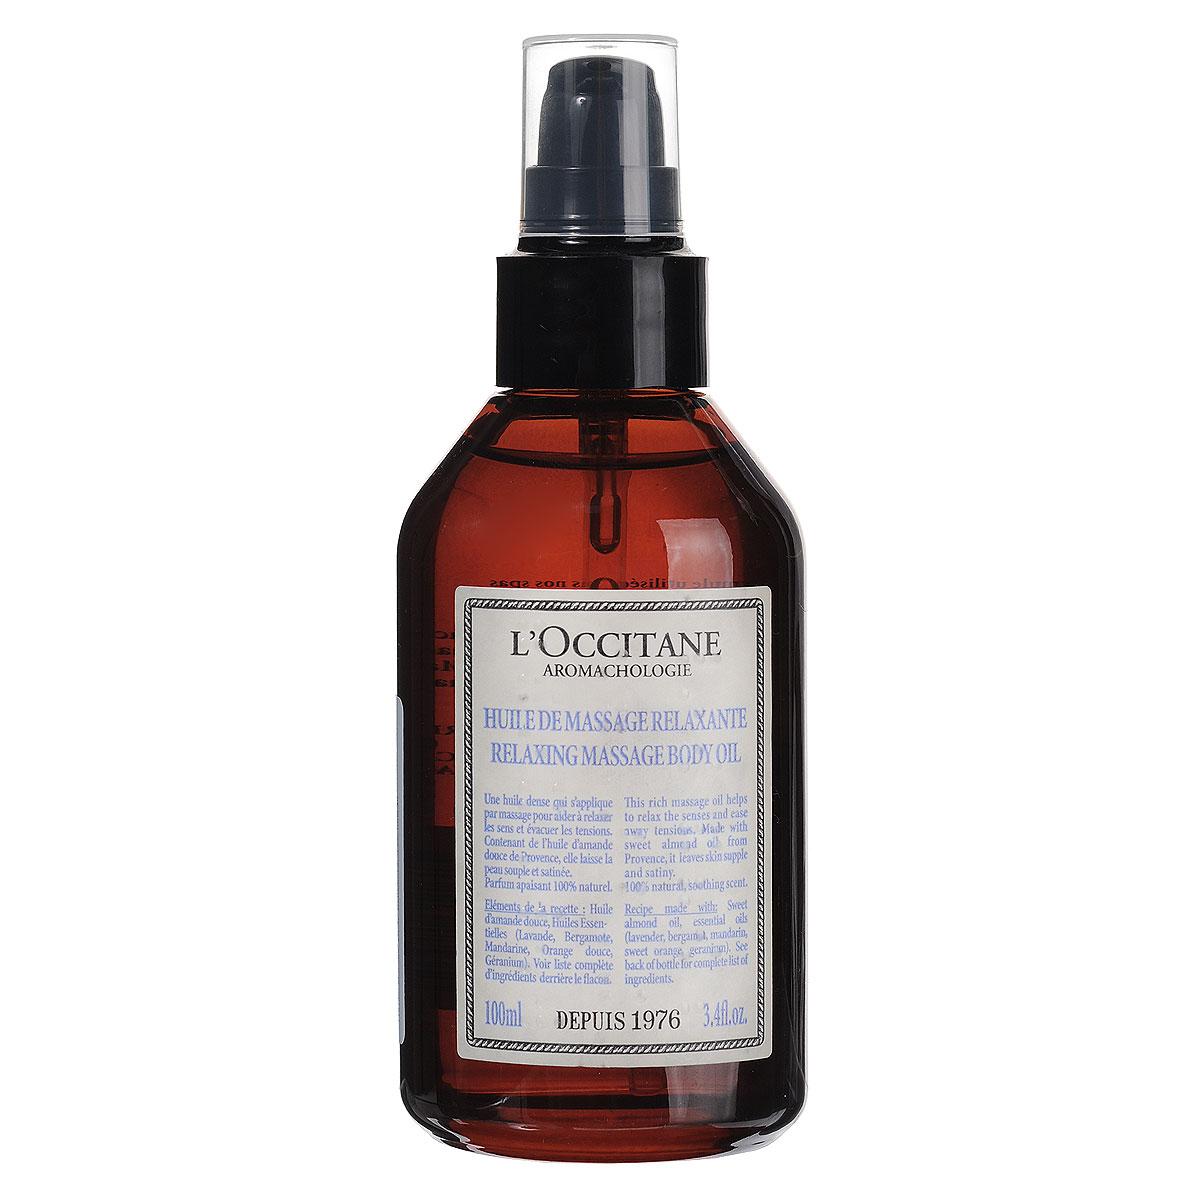 LOccitane Масло для массажа Аромакология, расслабляющее, 100 мл311615Питательное массажное масло помогает расслабиться и снять напряжение. Содержит питательное масло сладкого миндаля, защищает кожу от сухости и придает ей атласный блеск. Превосходно смягчает кожу, быстро впитывается и является отличной основой для всех видов массажа. Товар сертифицирован.